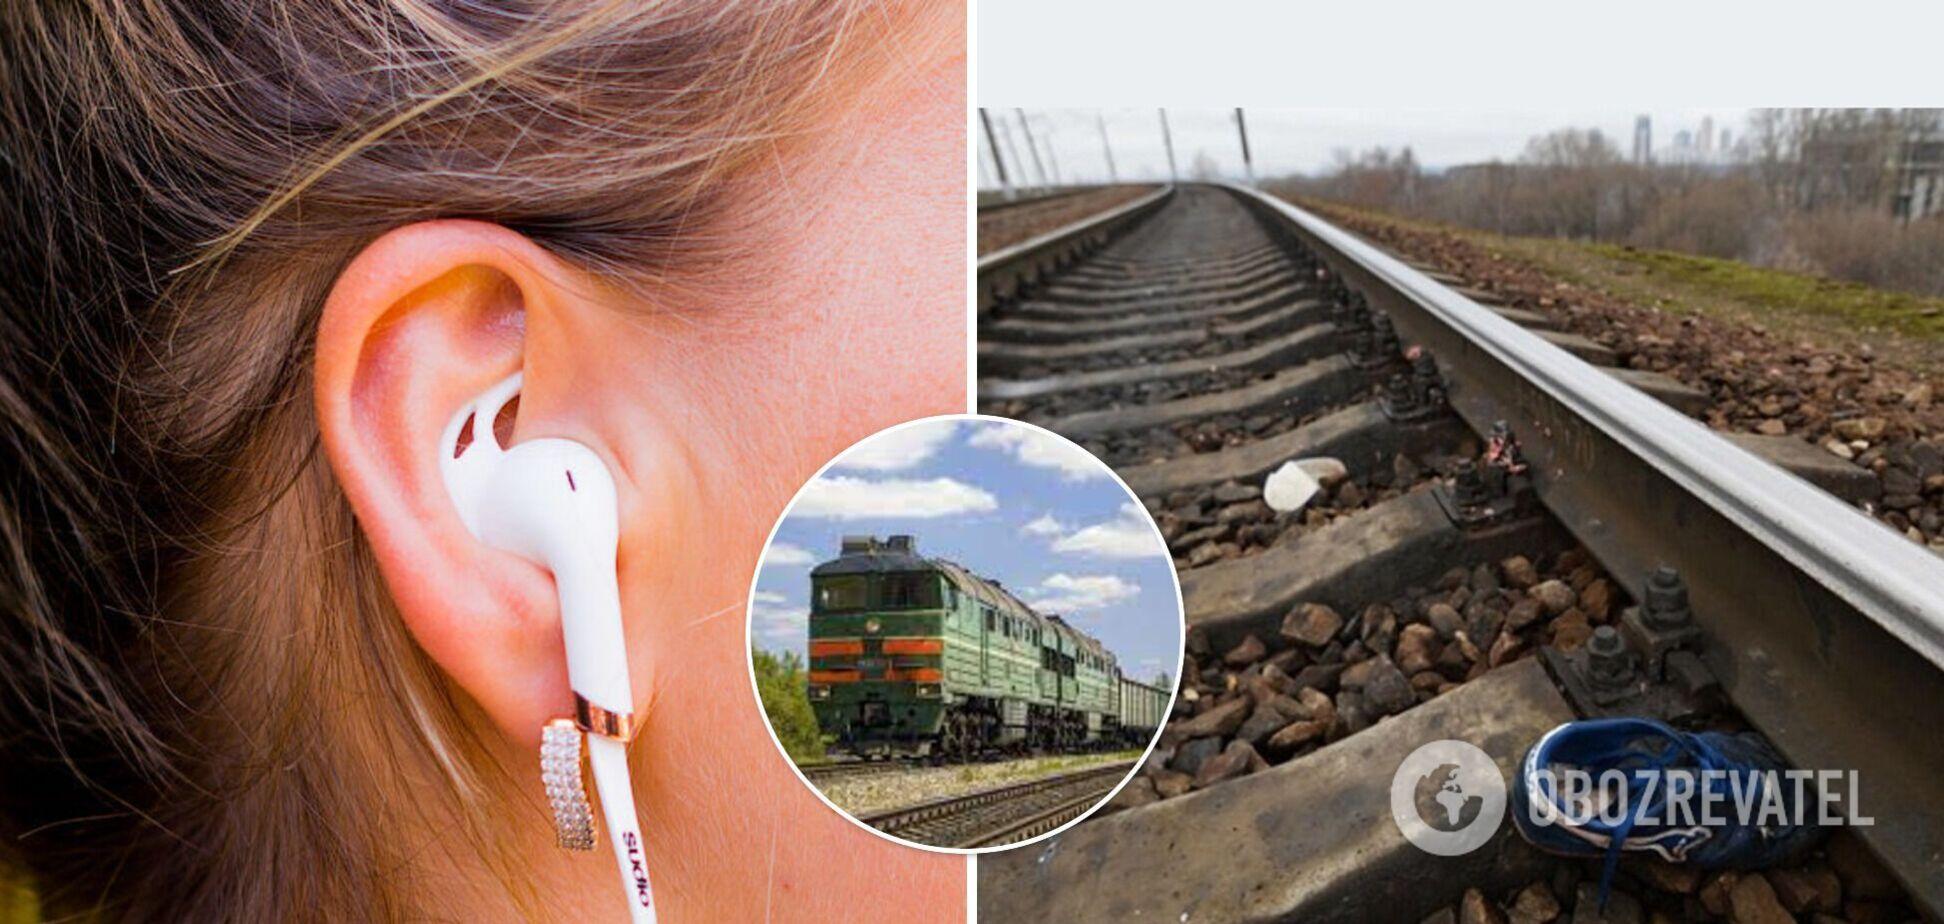 Переходила пути в наушниках: на Харьковщине поезд насмерть сбил девушку, момент трагедии попал на видео